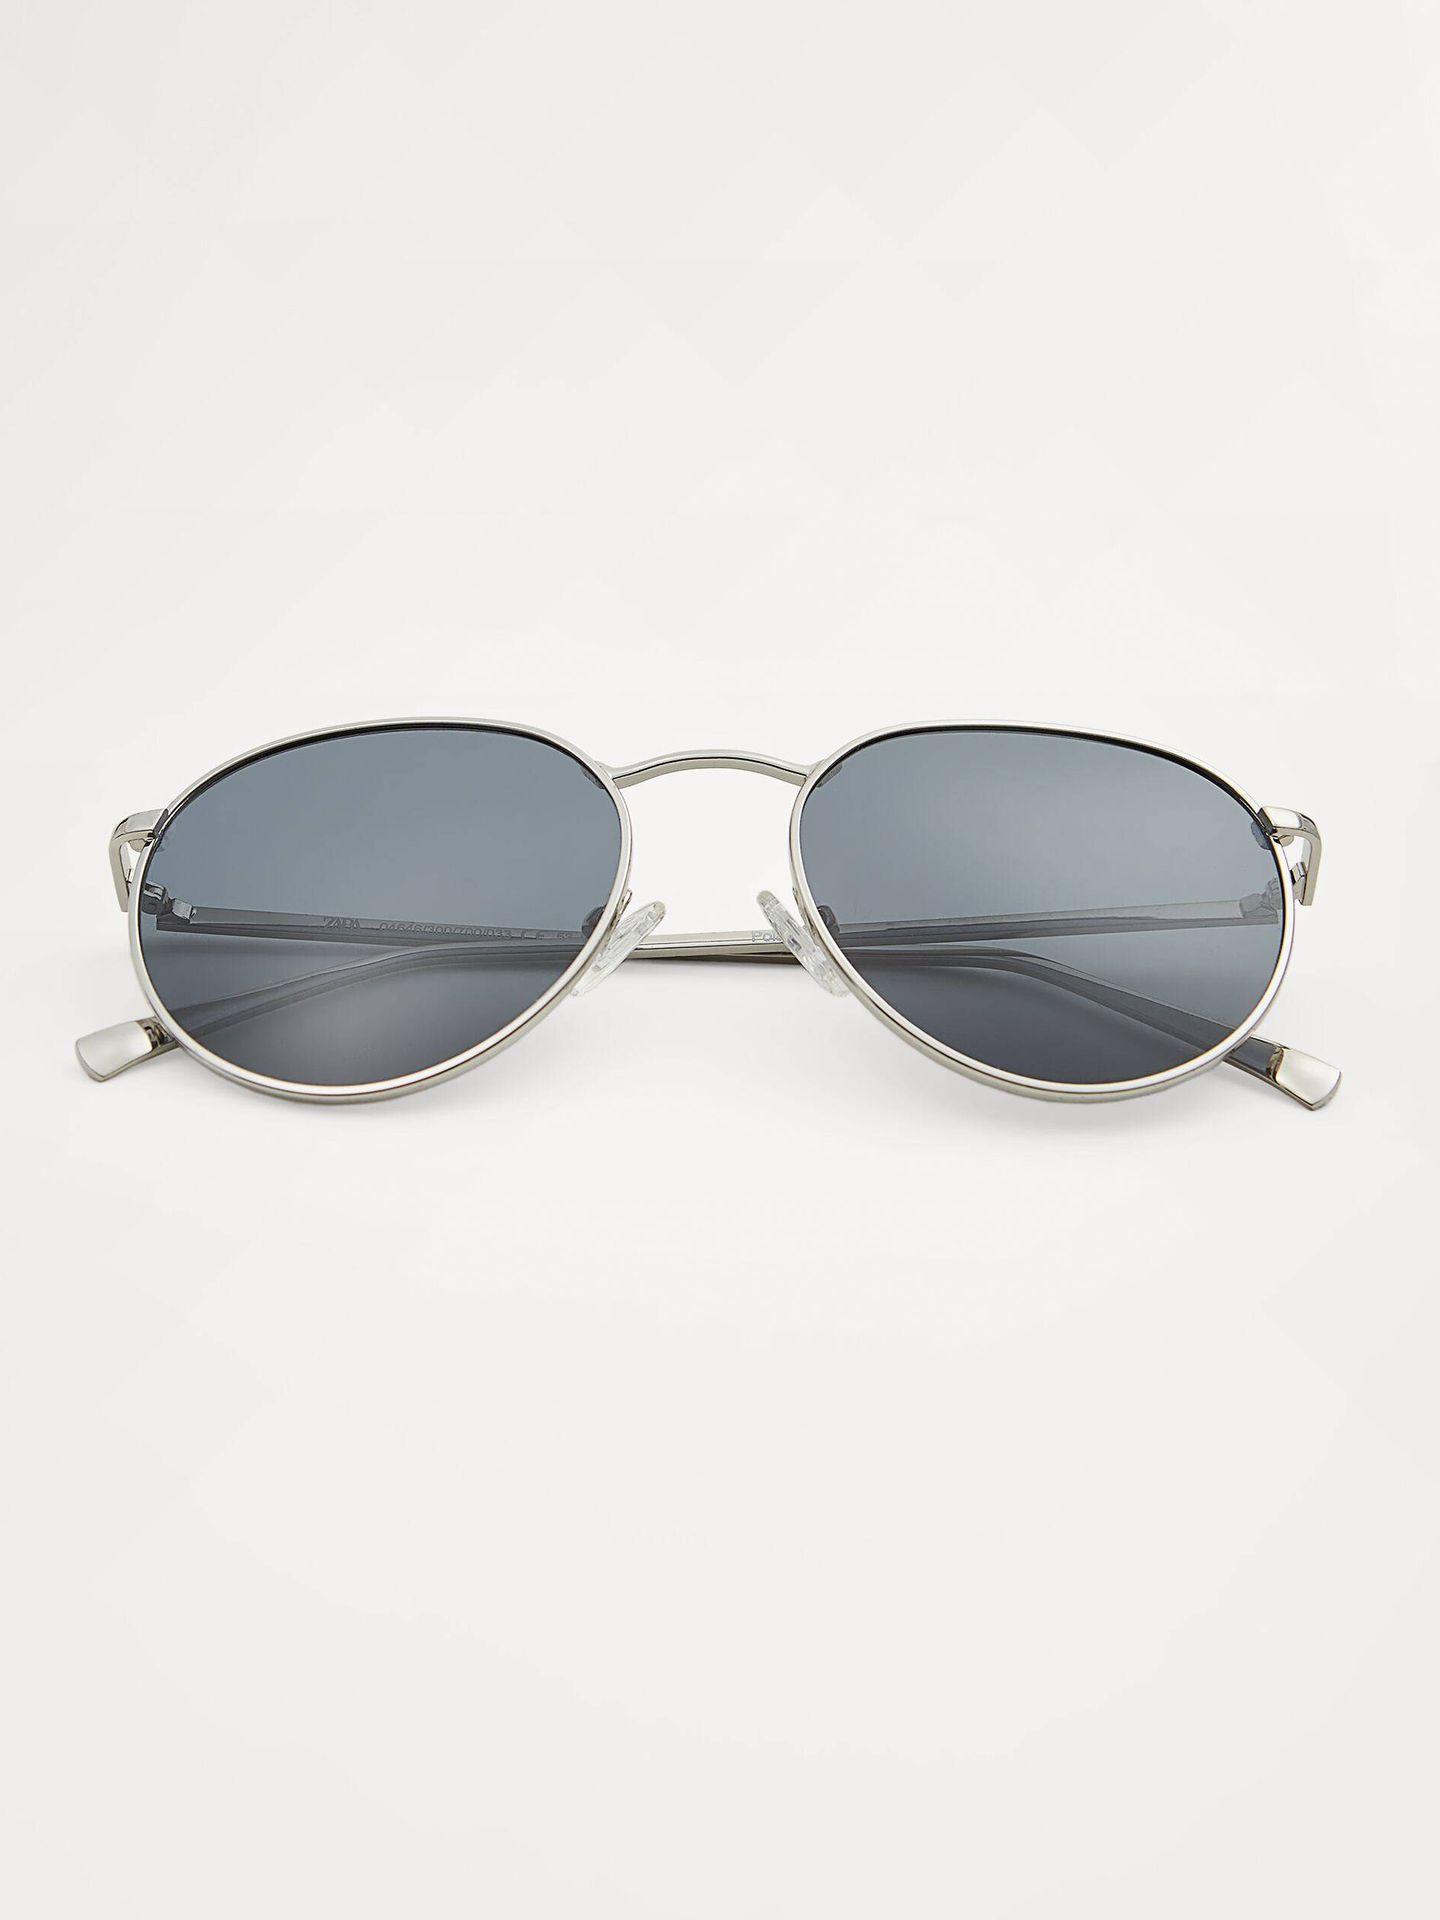 Gafas de sol aviadoras de Zara. (Cortesía)